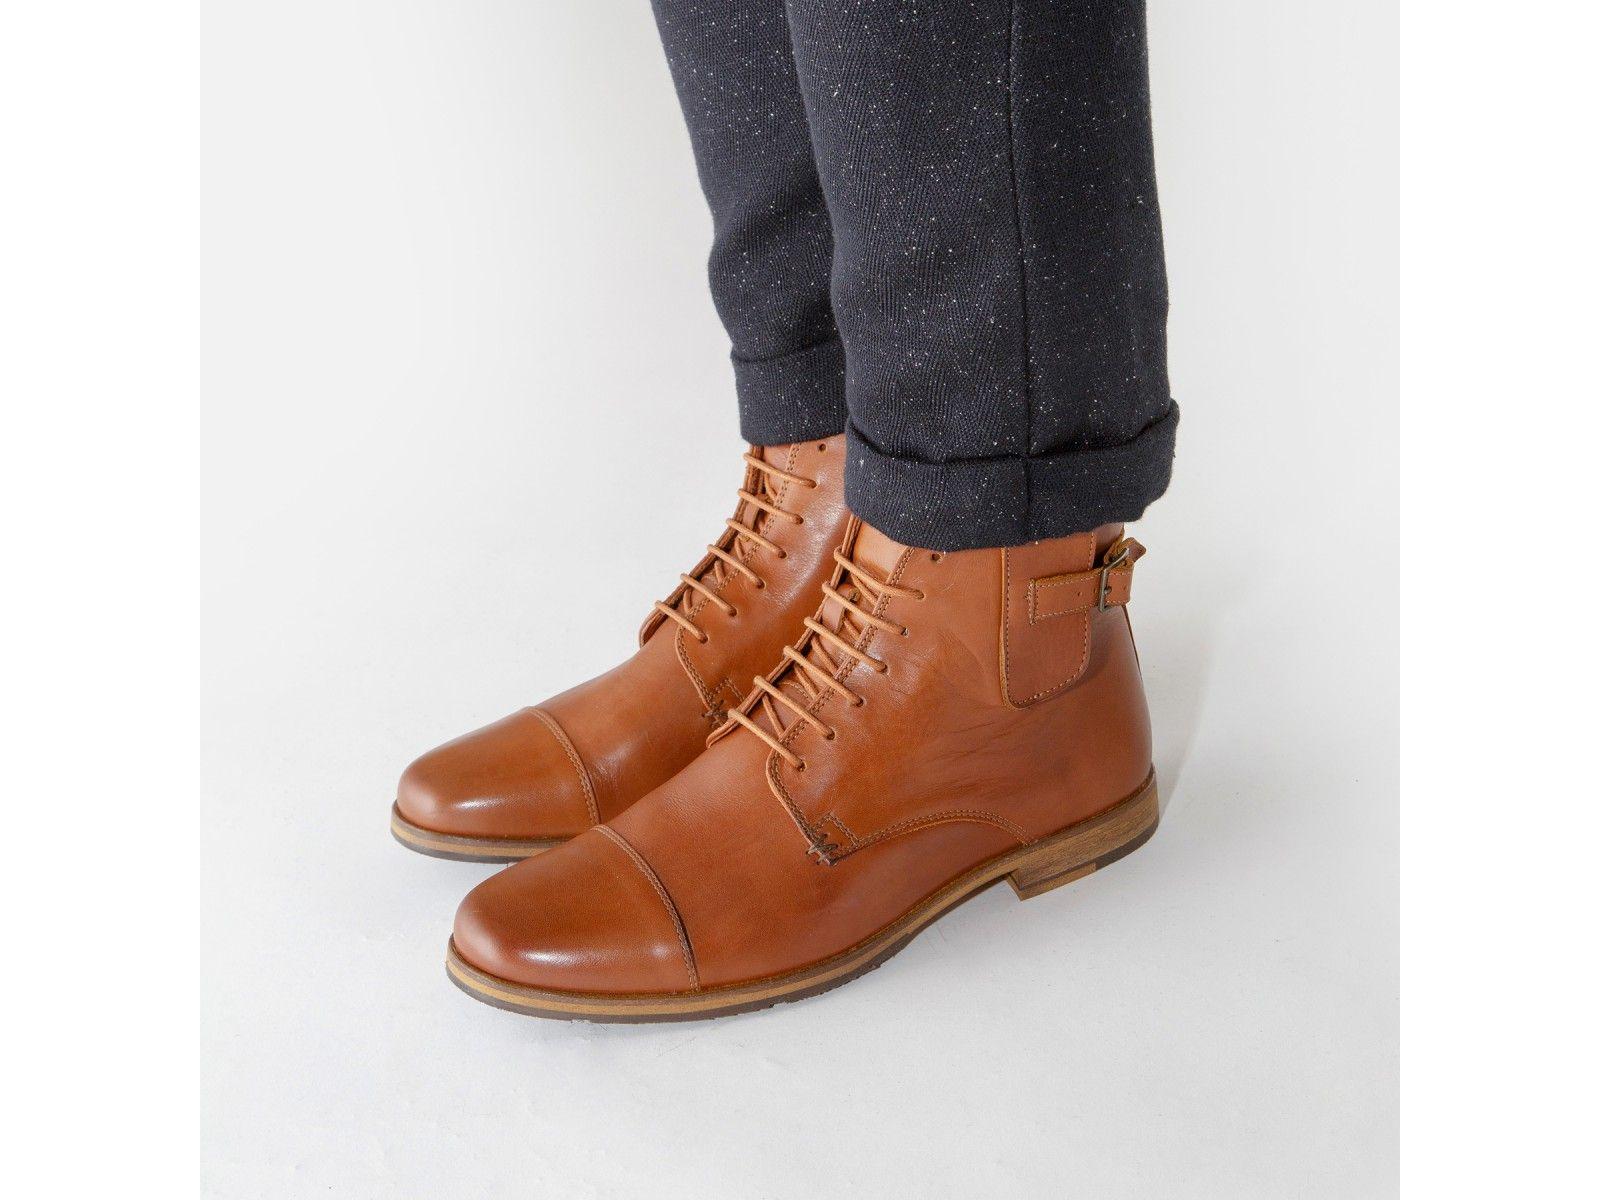 c200582195095f Chaussure montante en cuir pour homme. | COLLECTION : Schmoove Homme ...